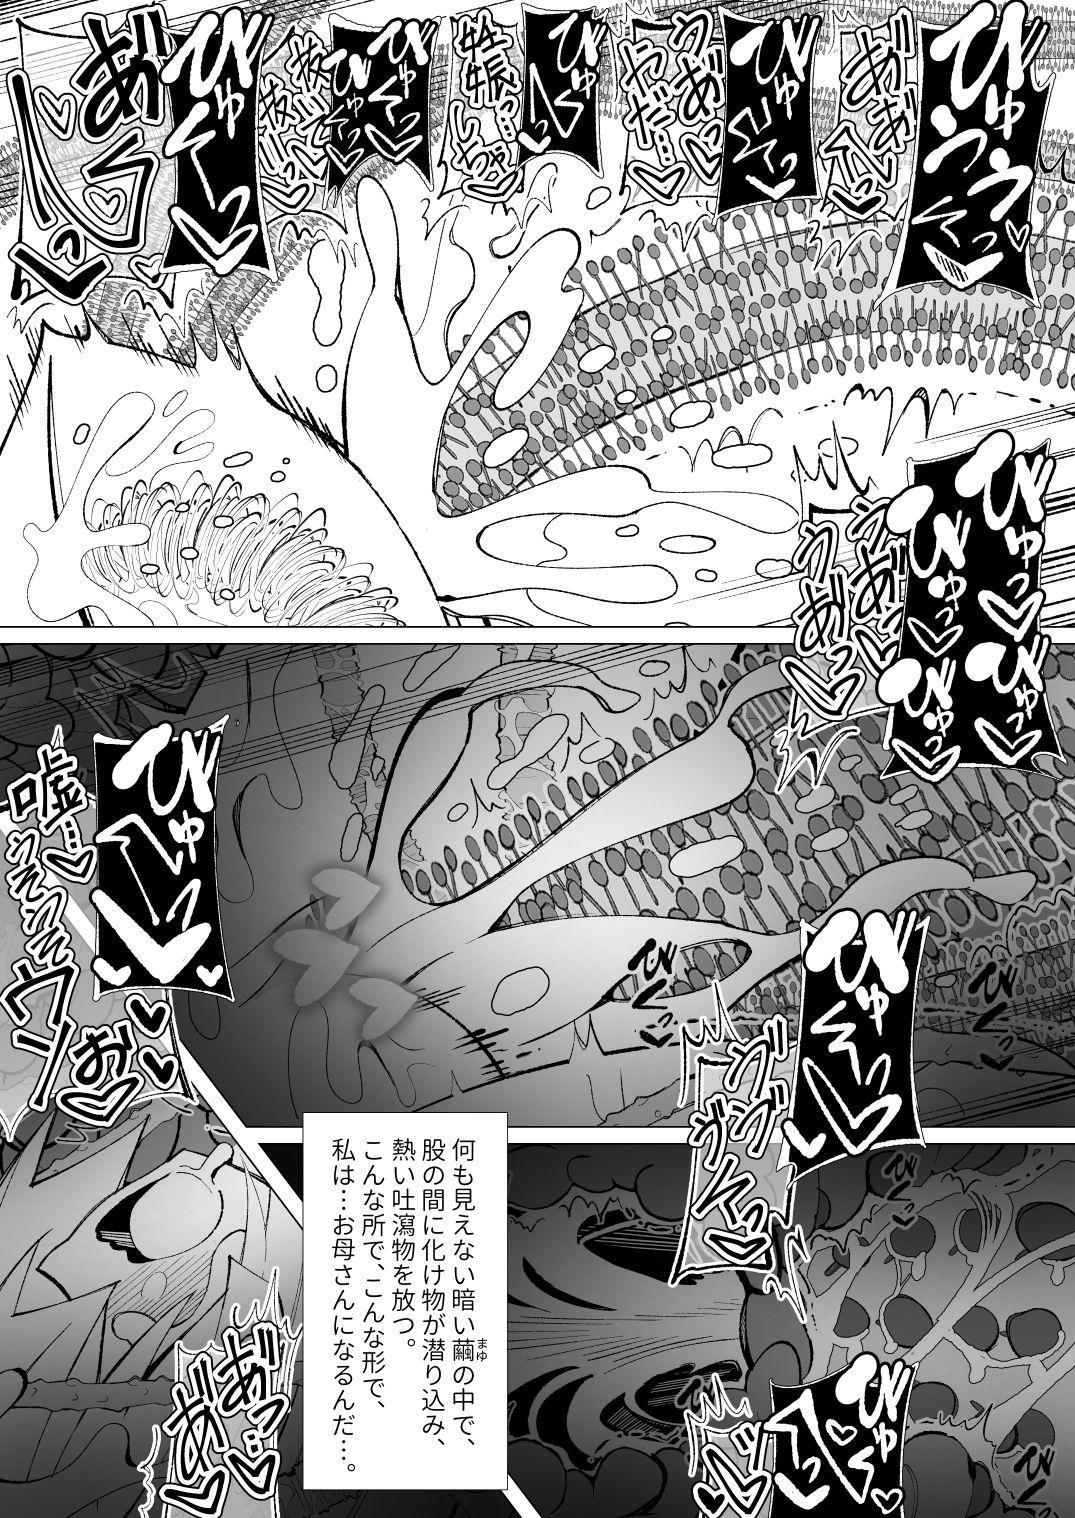 Ishu kan fūzoku-gai3 shokubutsu shokushu × rori 55